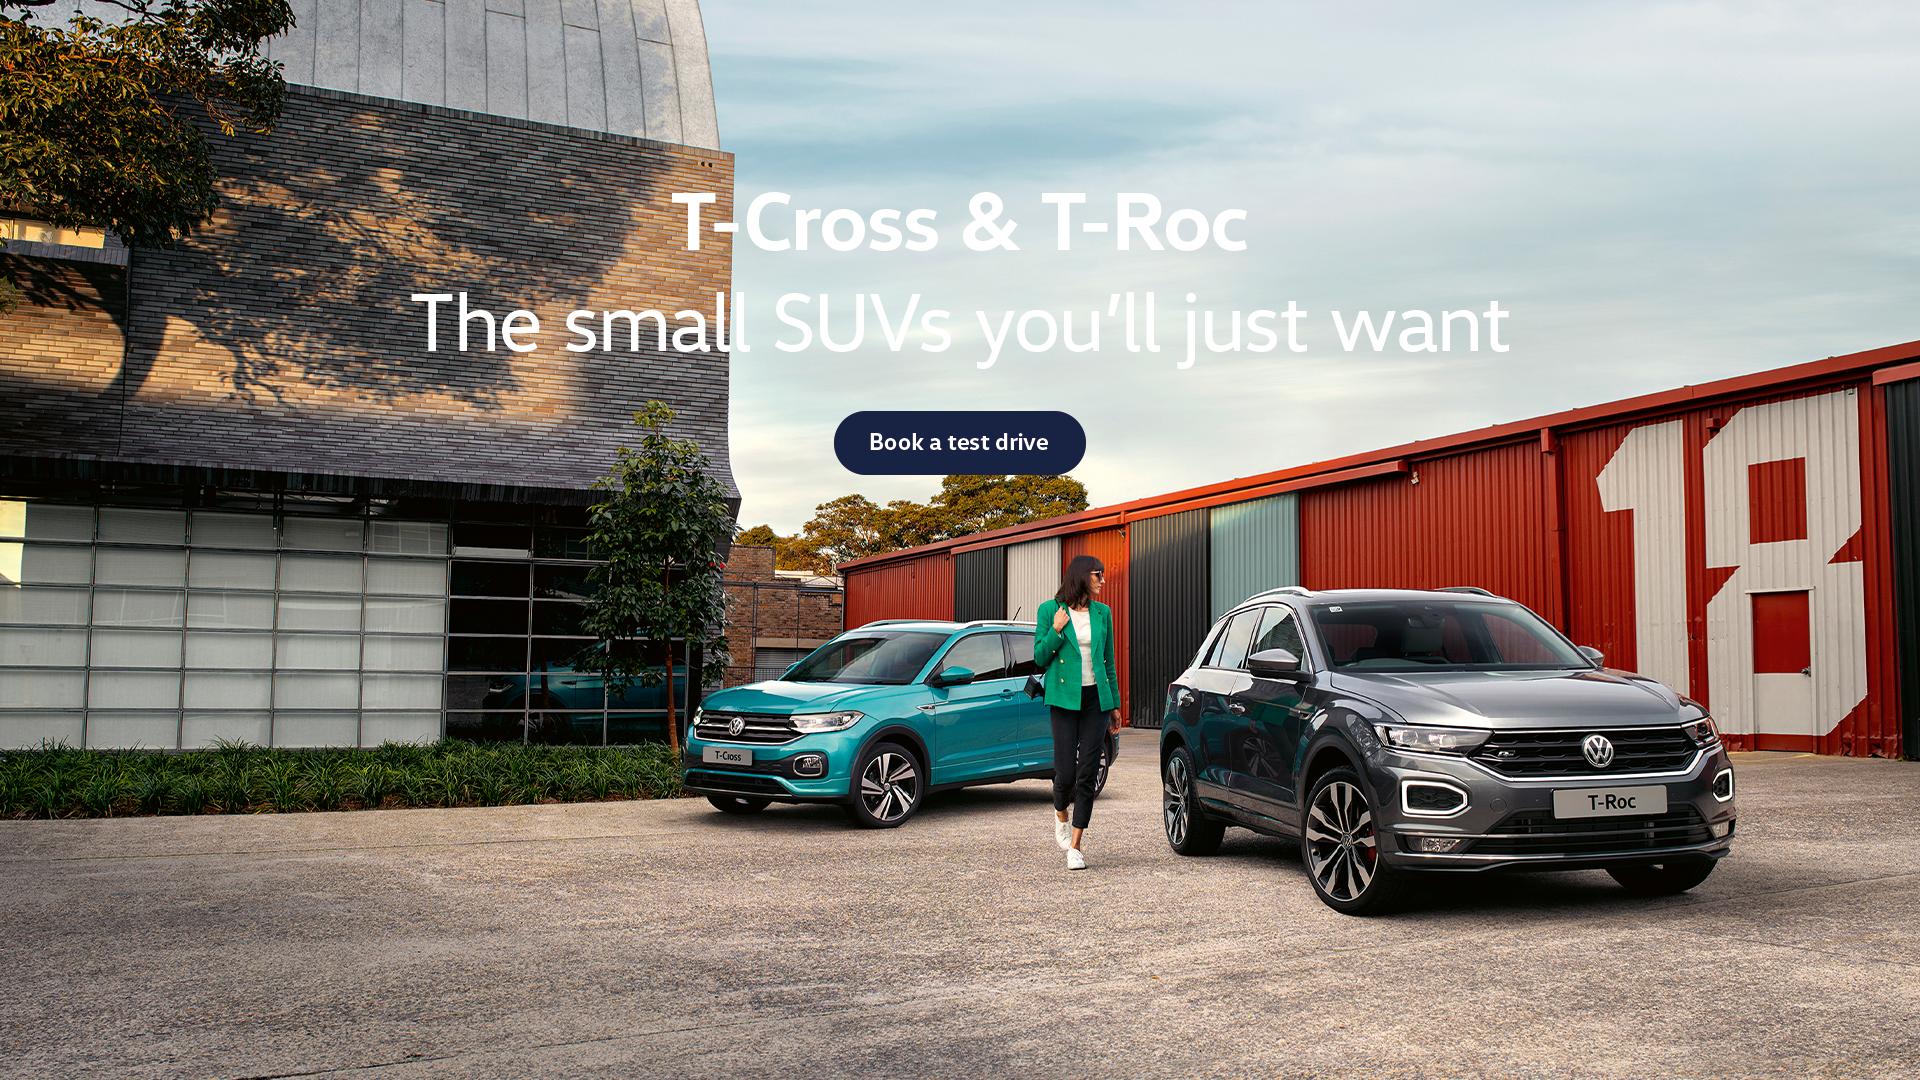 Volkswagen Small SUV range. Test drive today at Leichhardt Volkswagen.